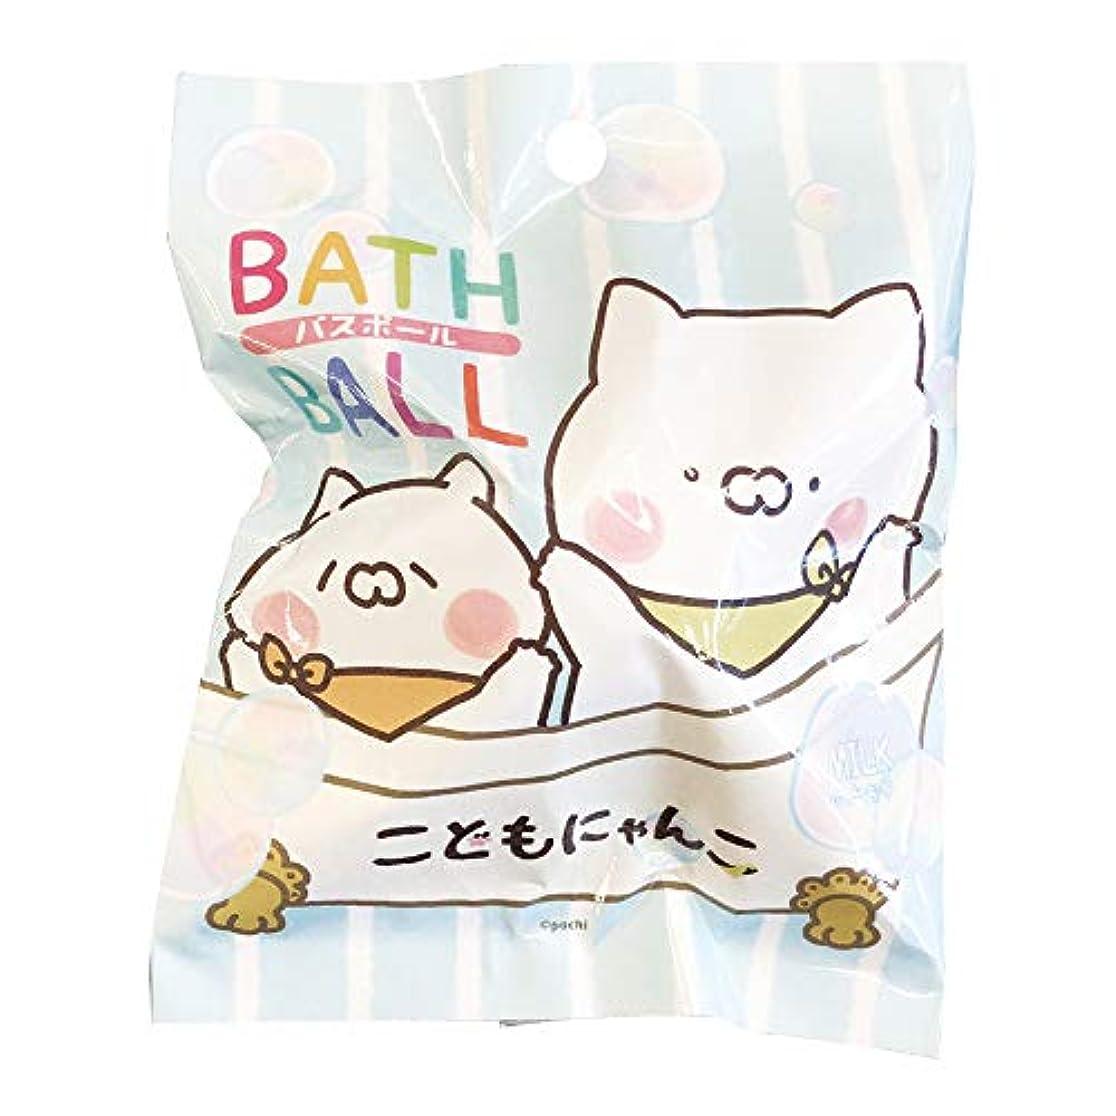 崩壊説明小道こどもにゃんこ 入浴剤 バスボール おまけ付き ミルクの香り 50g ABD-043-001